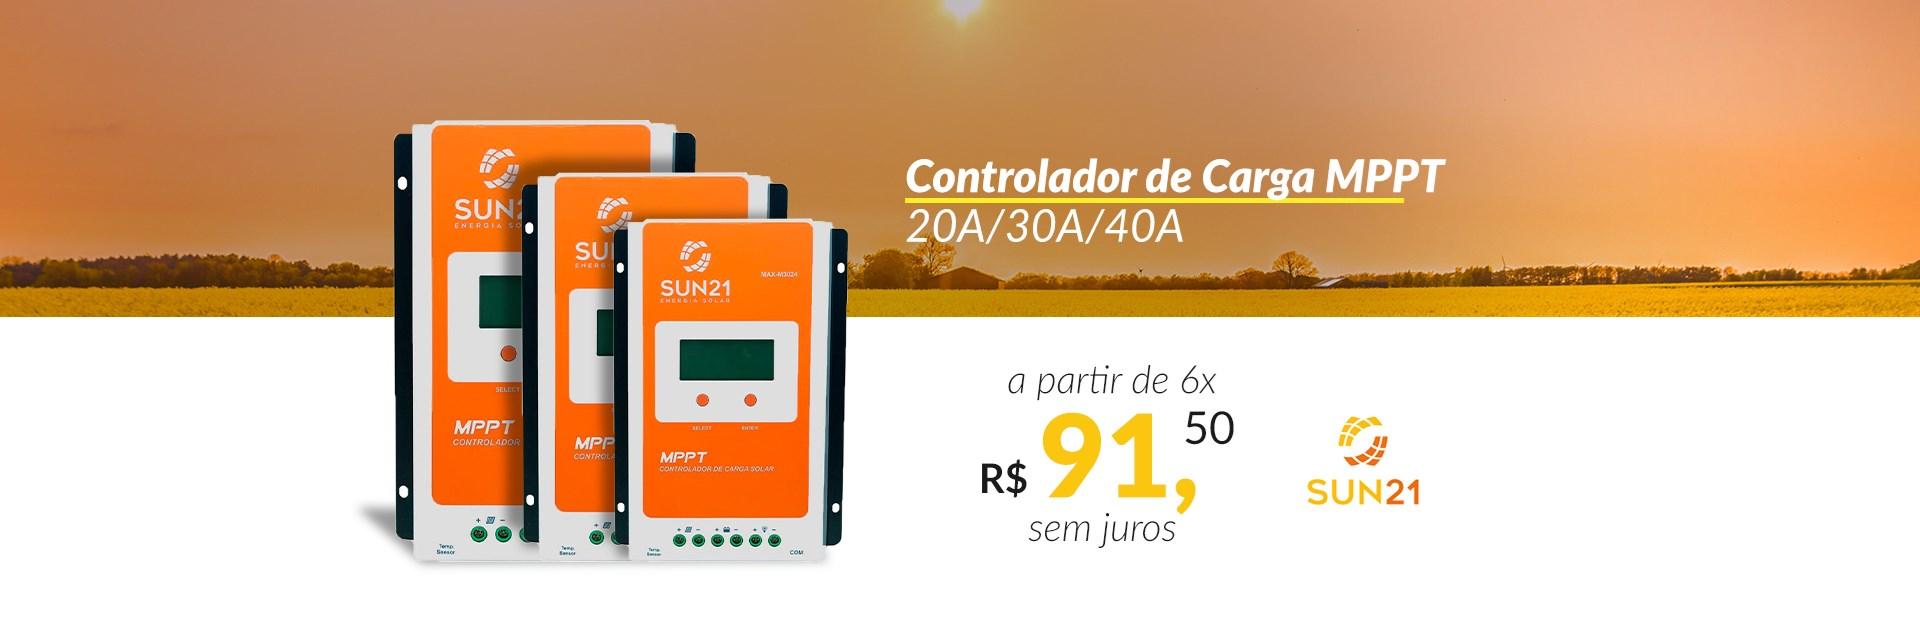 Controlador de Carga SUN21